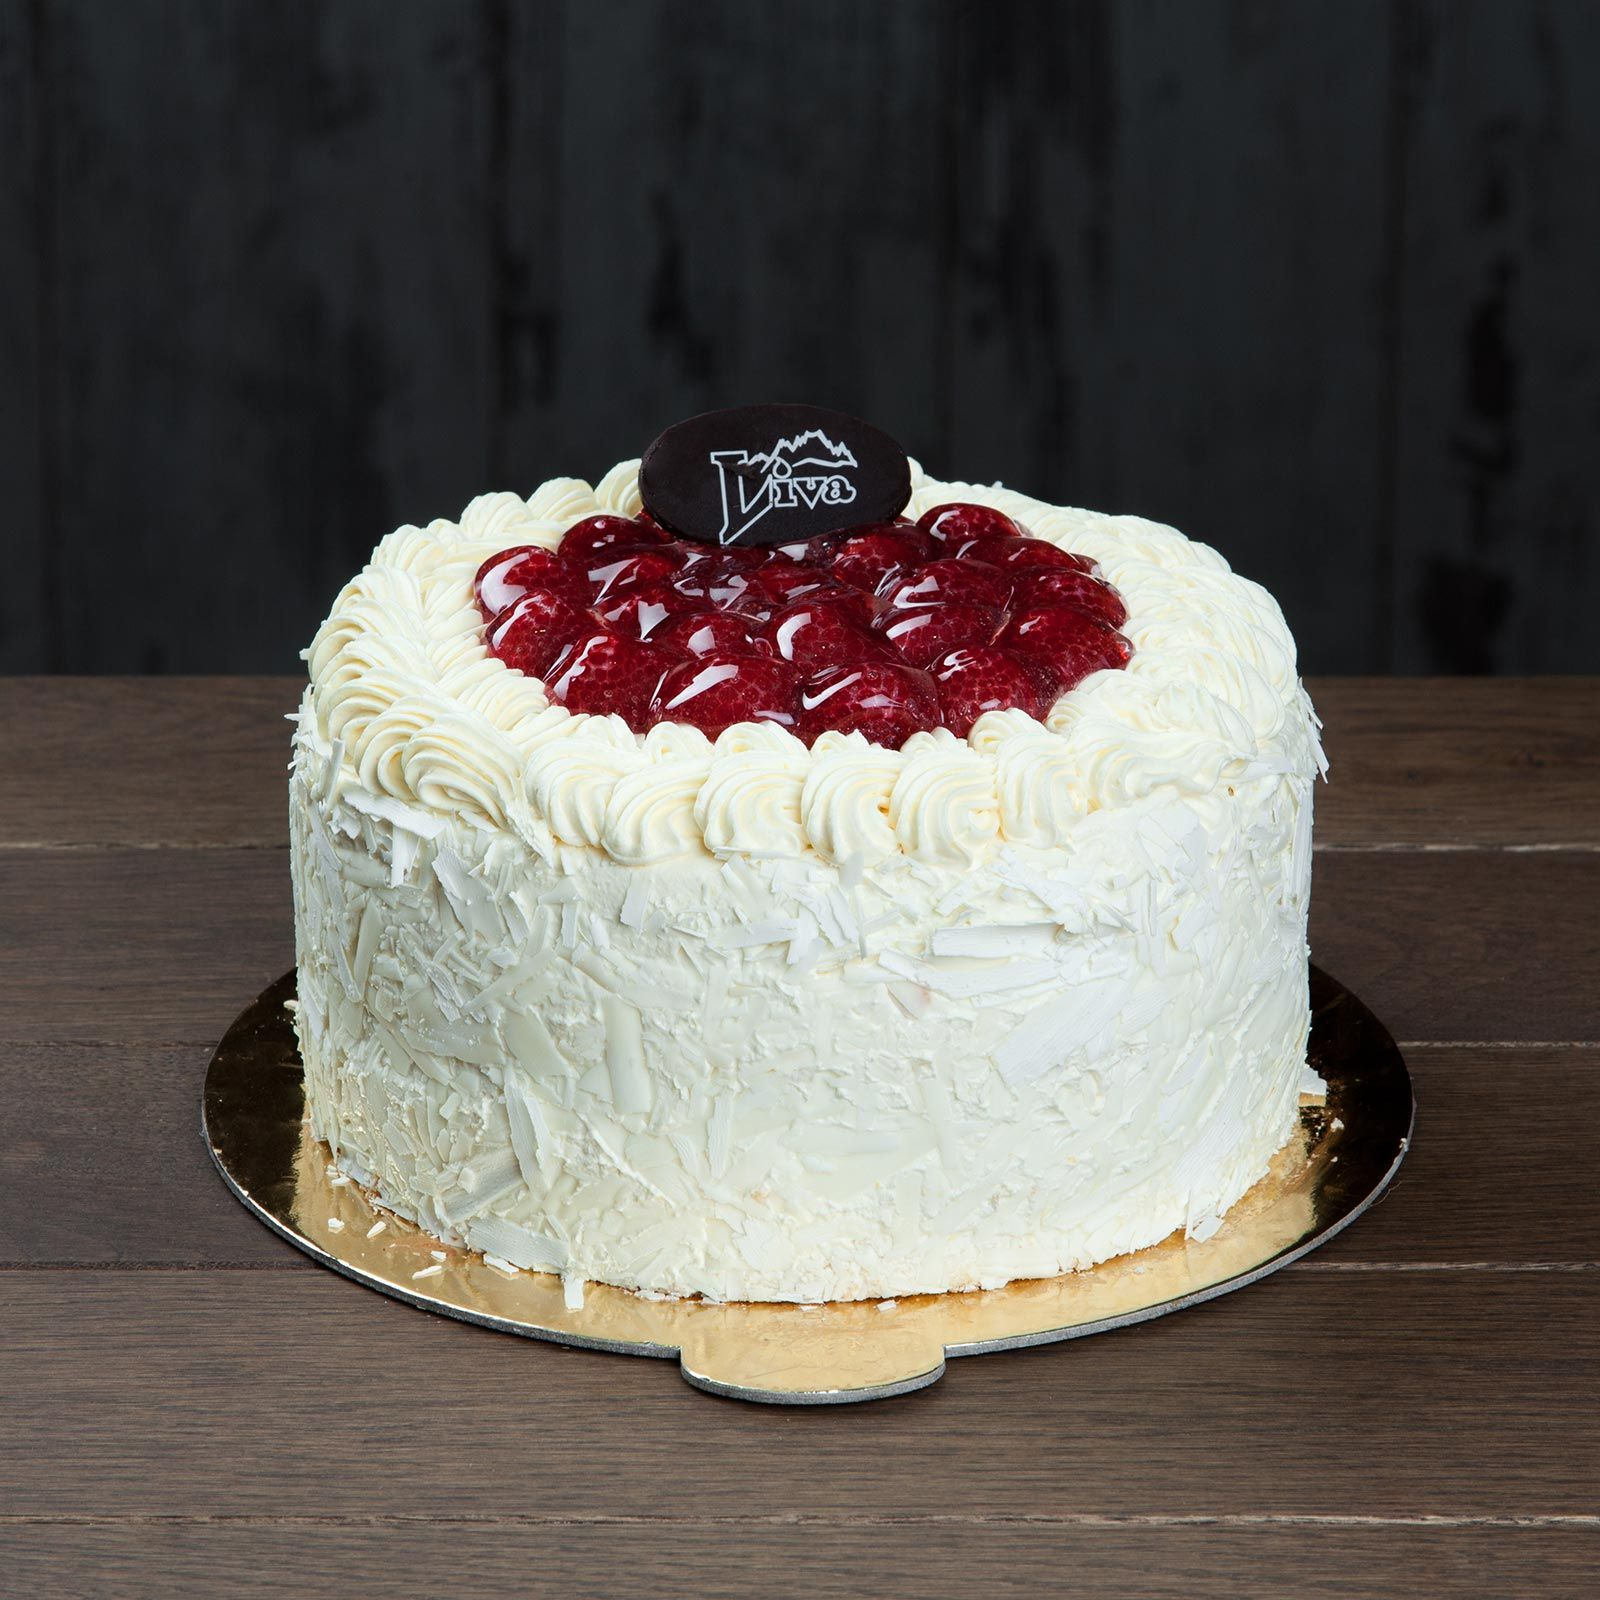 İtalyan Kremalı Frambuazlı Pasta. İtalyan mutfağından ilham alarak hazırlanan frambuazlı pasta, sade ve şık görünümüyle önemli anlarınıza eşlik eder...